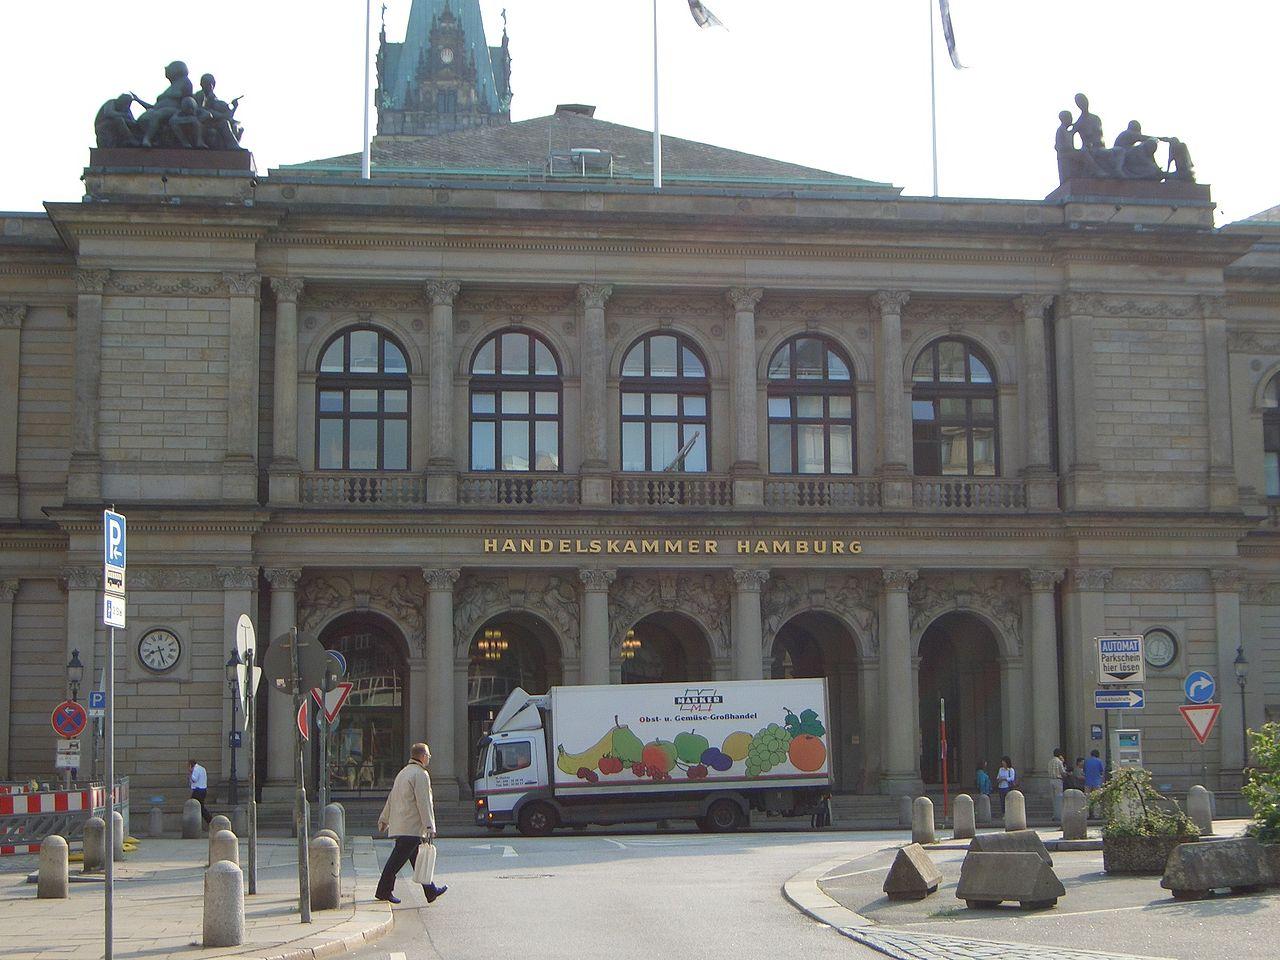 Bild Handelskammer Hamburg